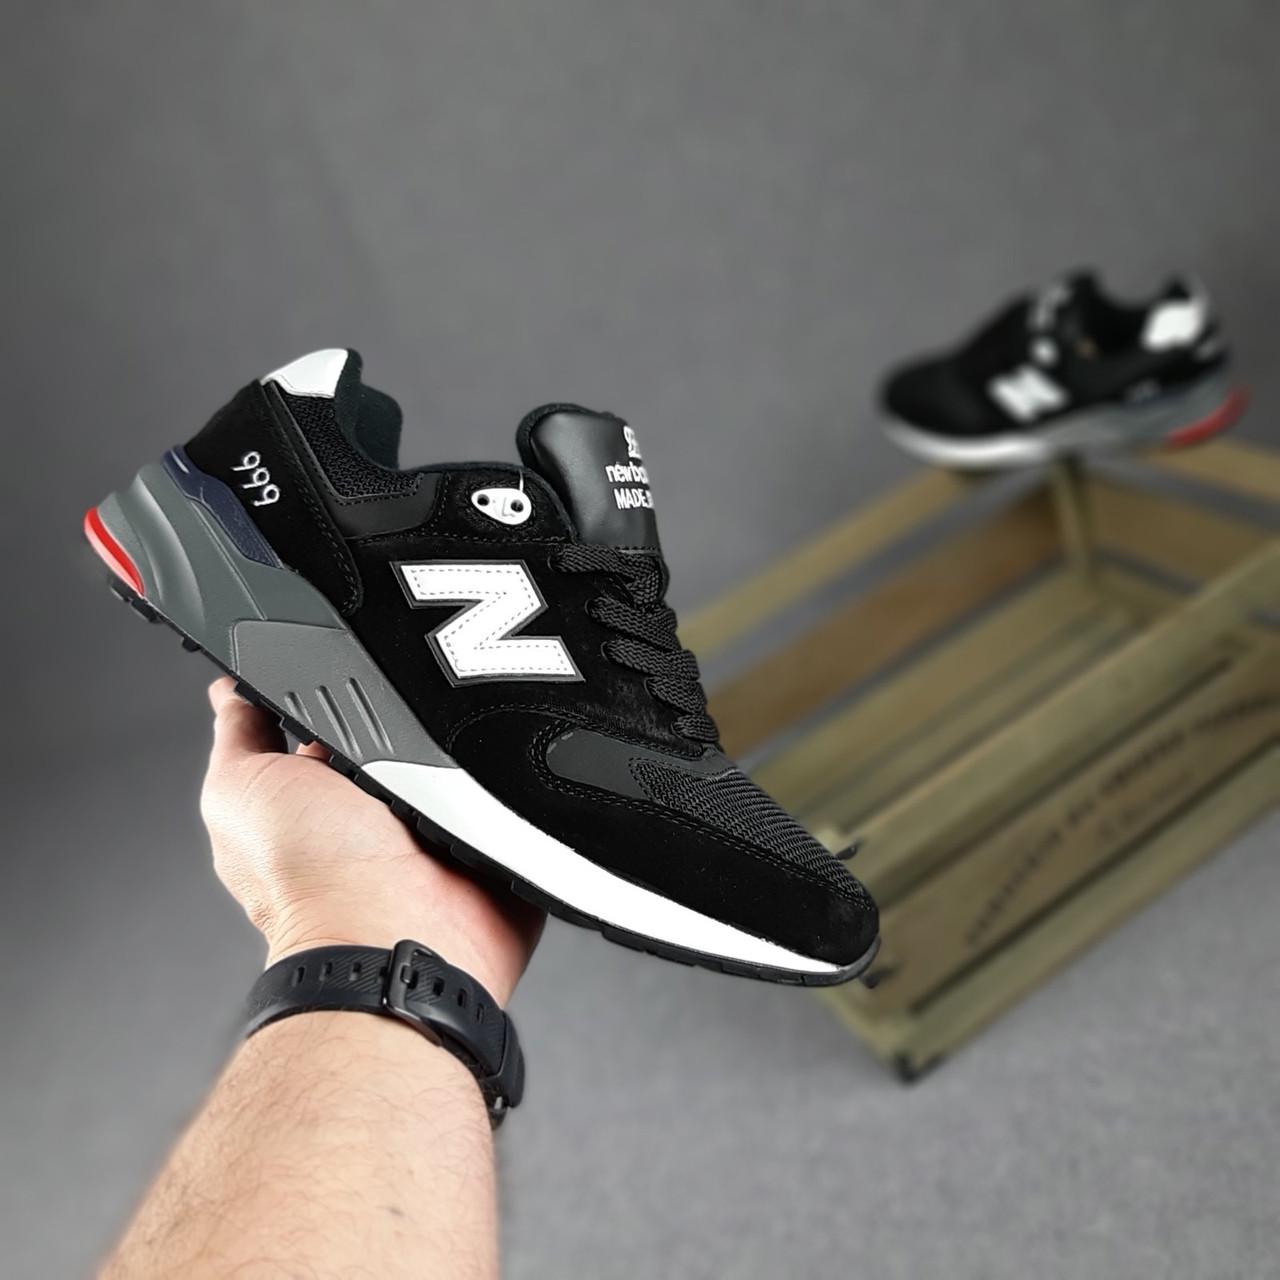 Чоловічі кросівки New Balance 999 (чорні) 10384 демісезонна якісна спортивна взуття